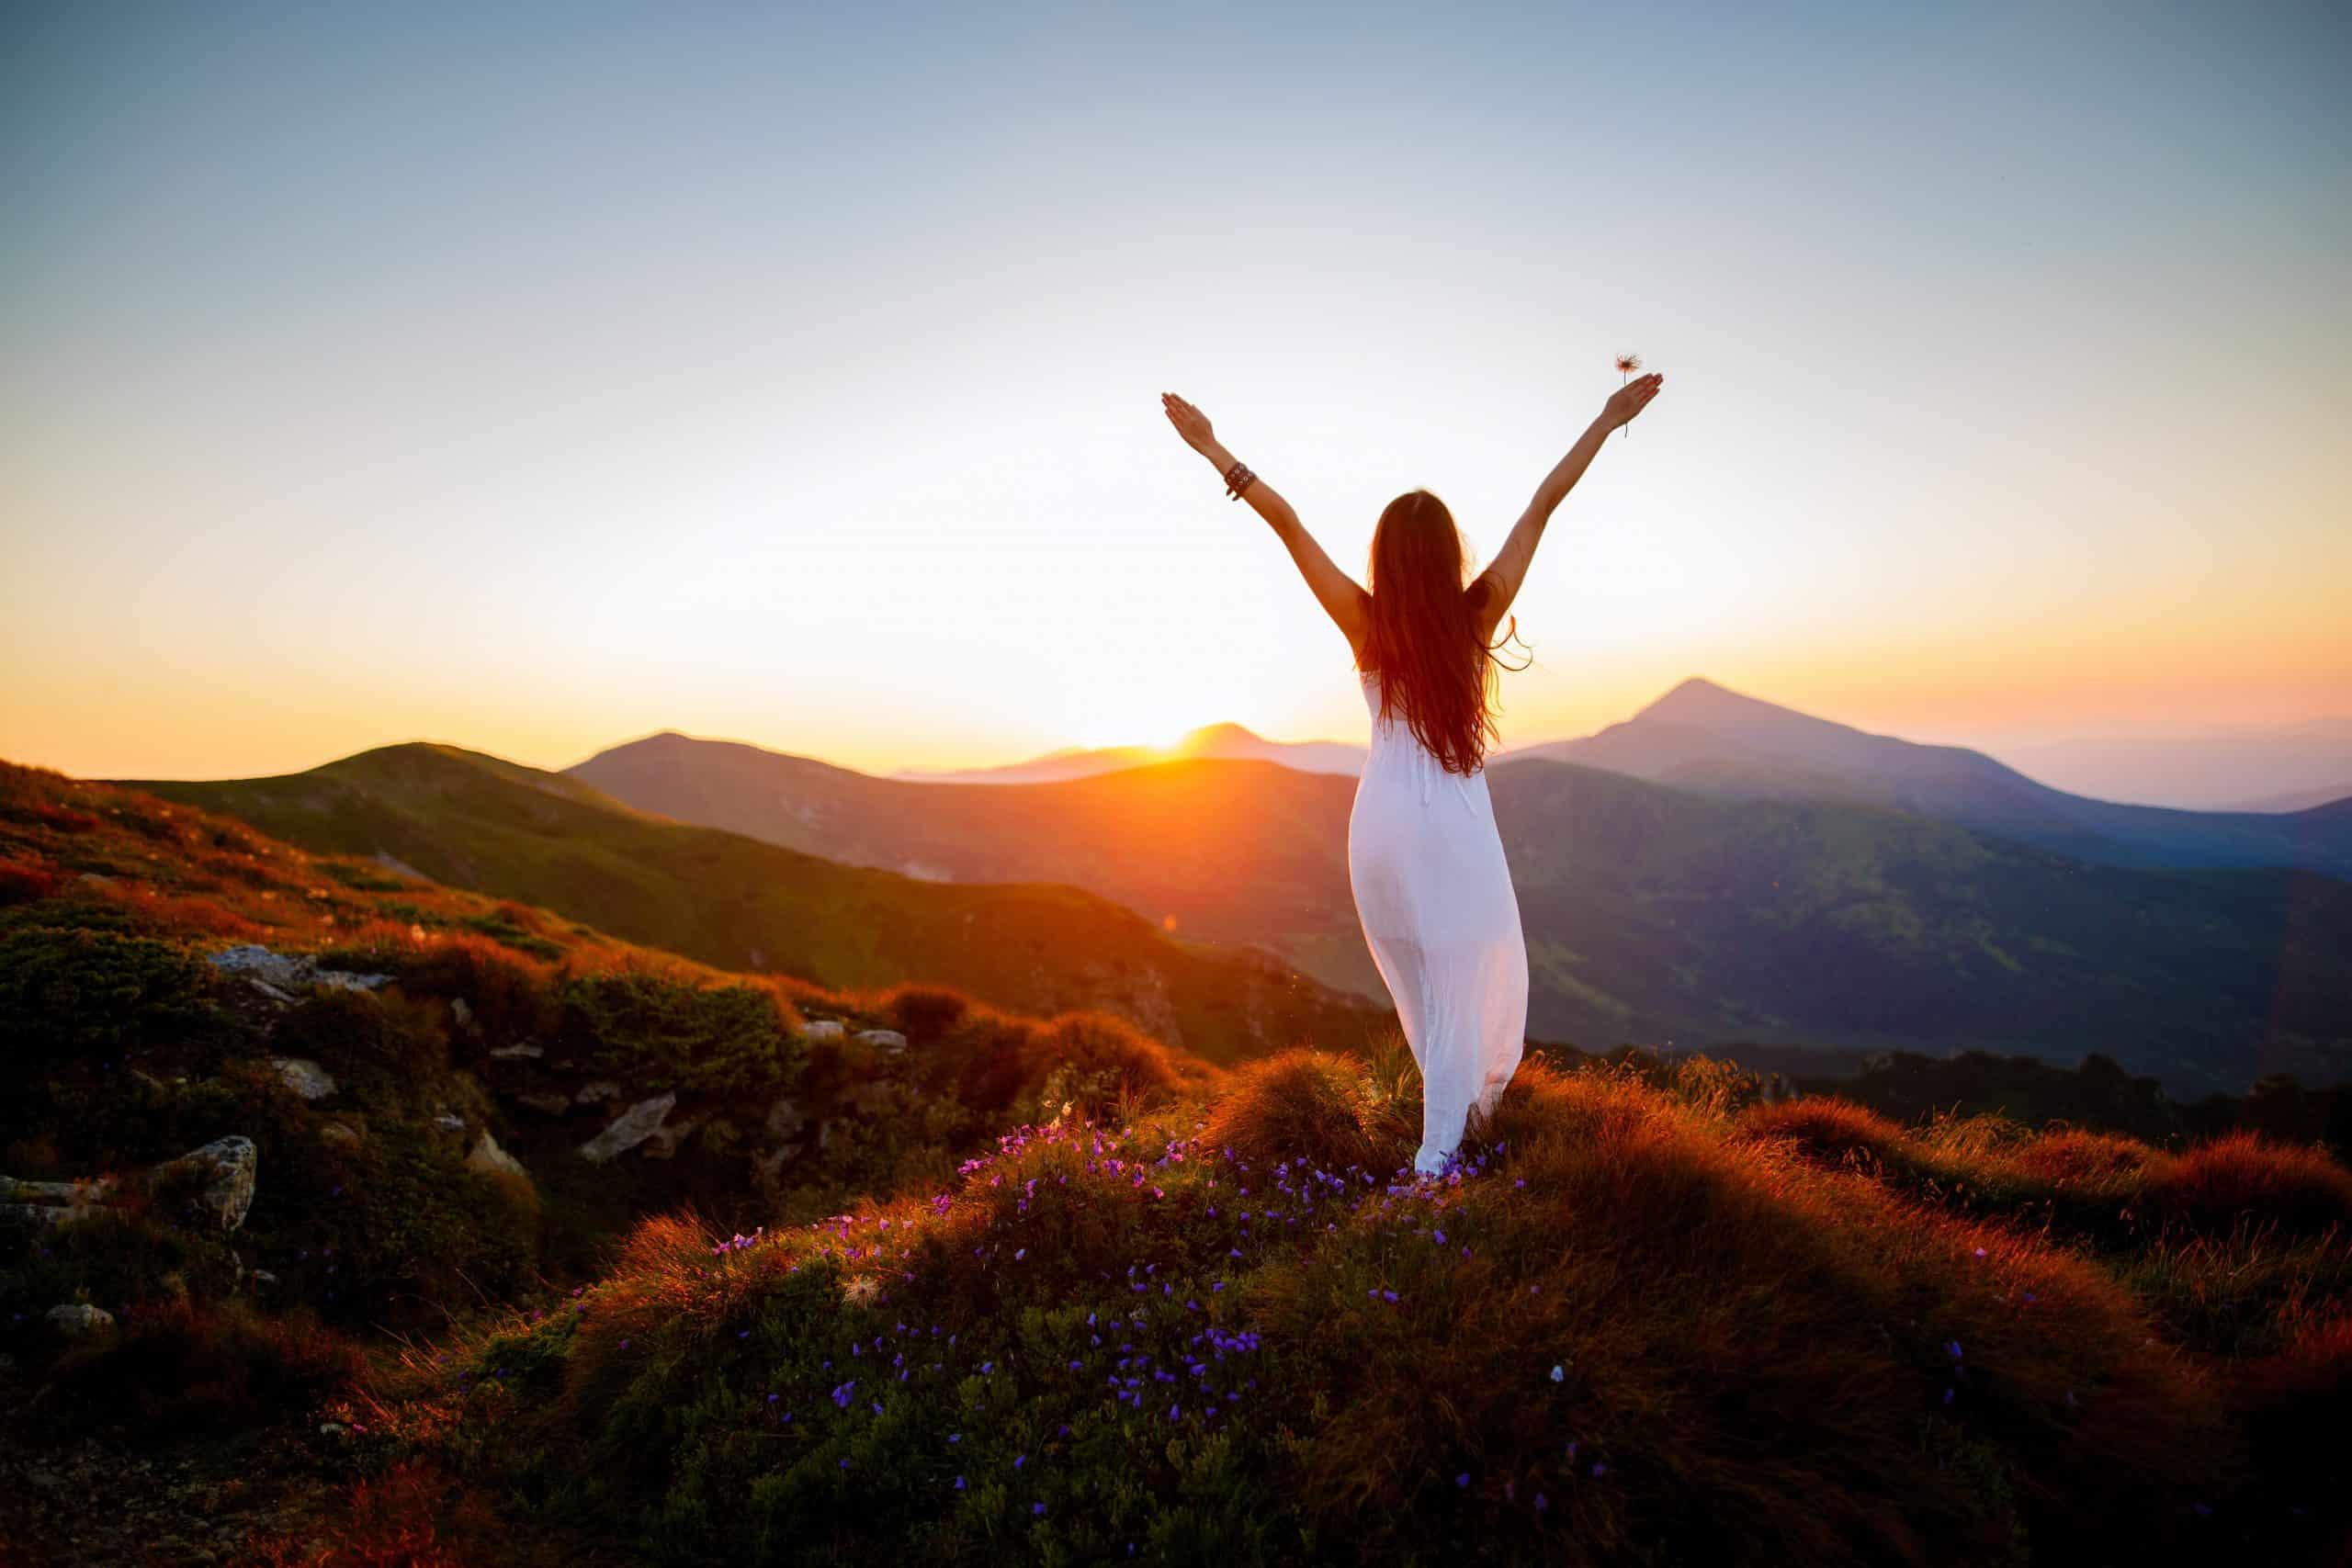 Bild Frau auf Berg mit nach oben gereckten Händen